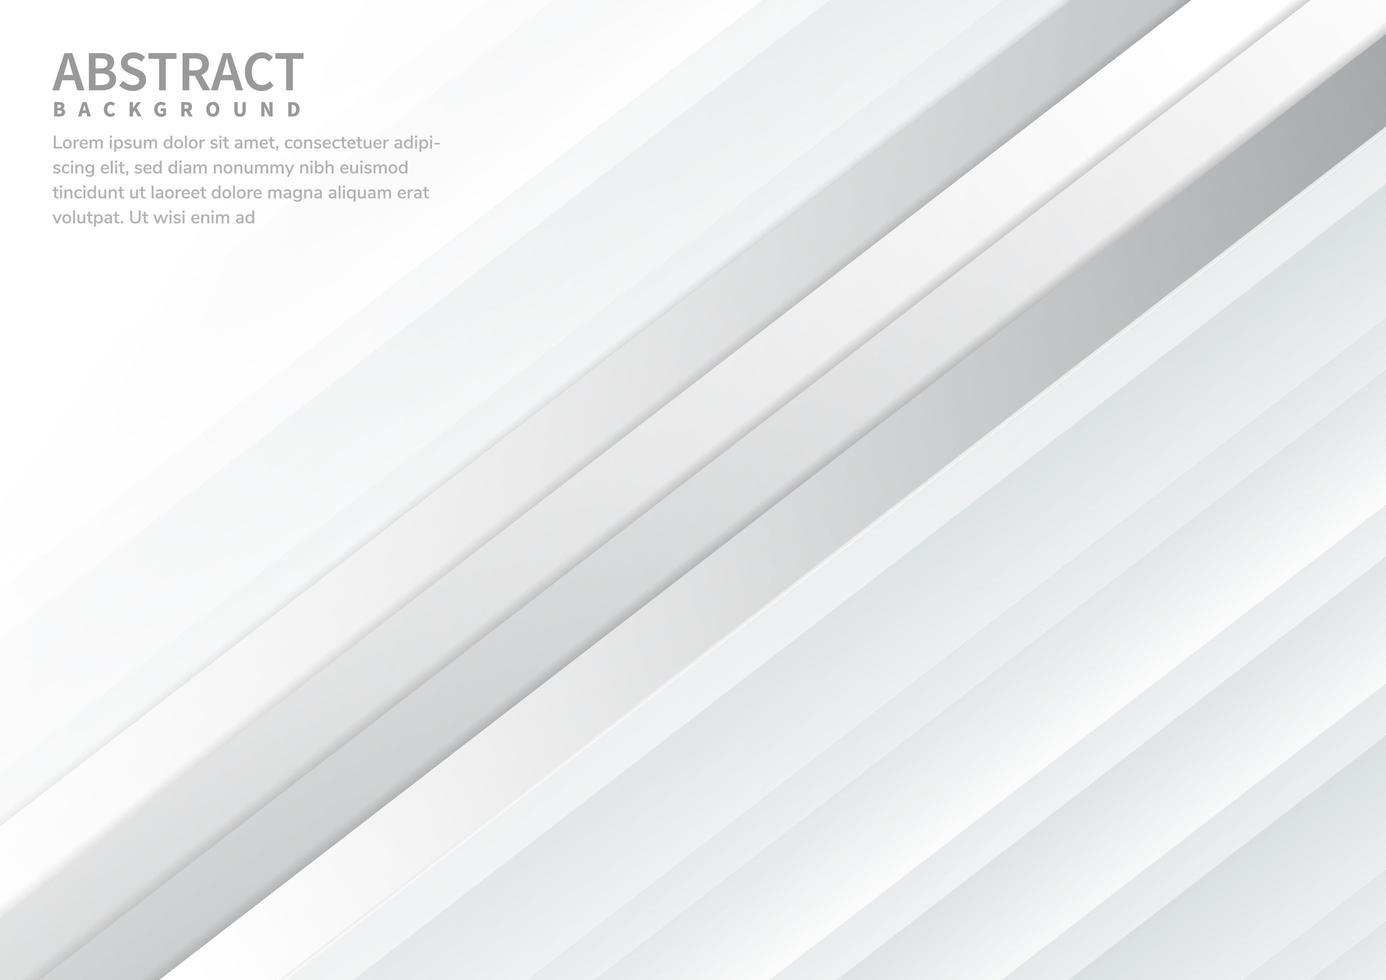 Fondo de capas blancas diagonales abstractas vector